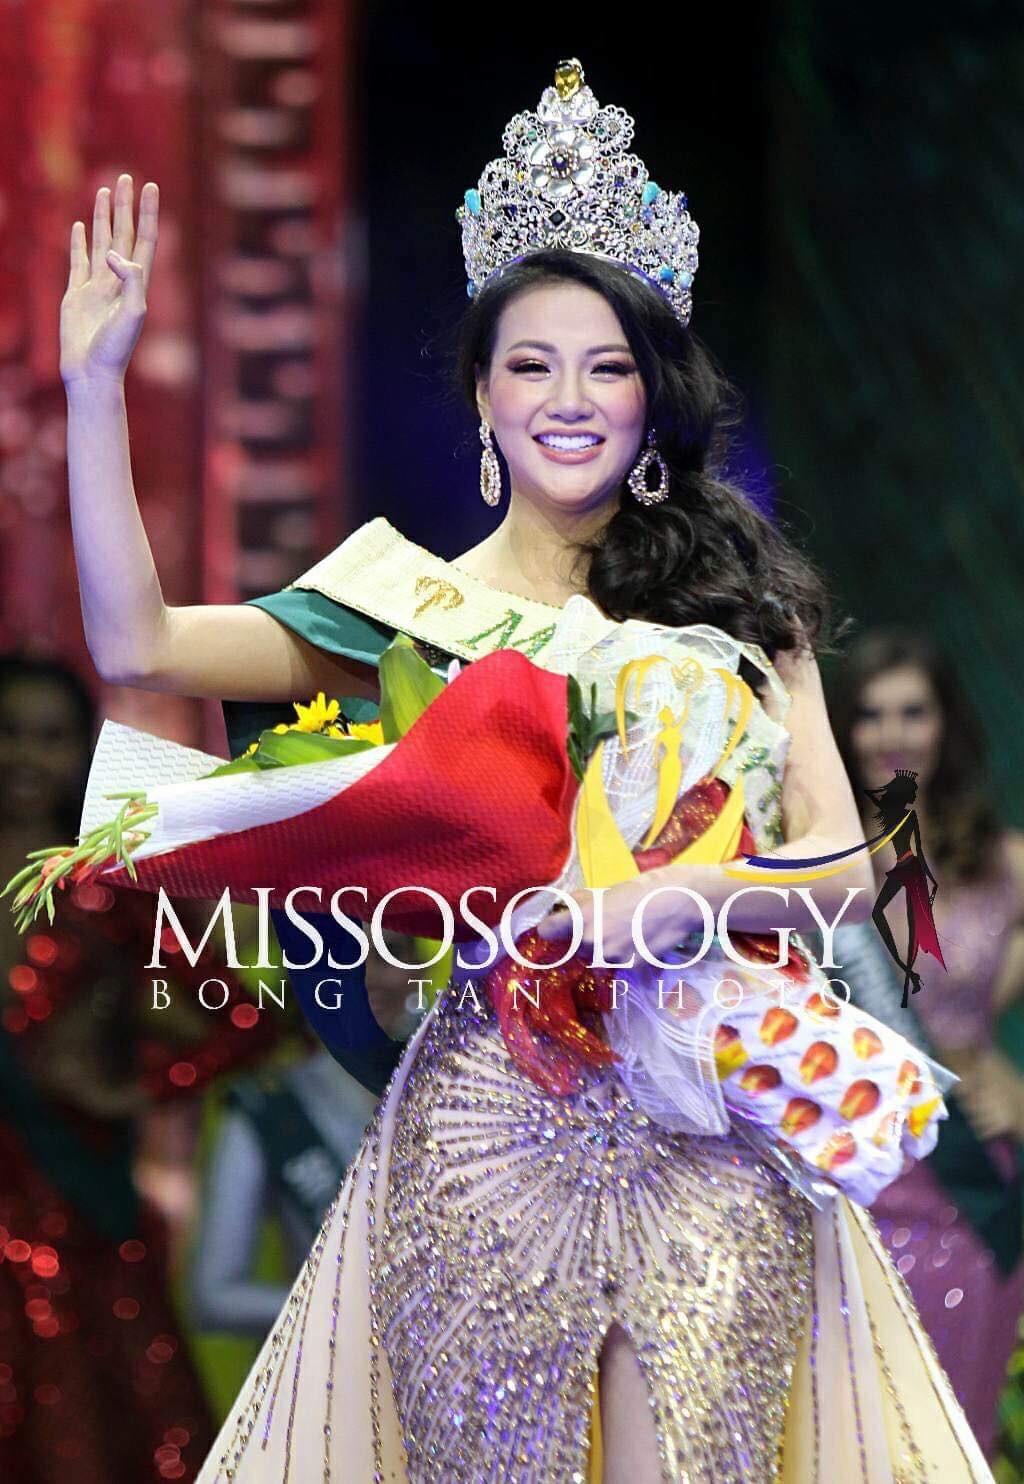 Tổng kết mùa Hoa hậu năm 2018: Những lời nguyền out top bị phá bỏ, nhan sắc Việt thăng hạng đáng tự hào! - Ảnh 5.